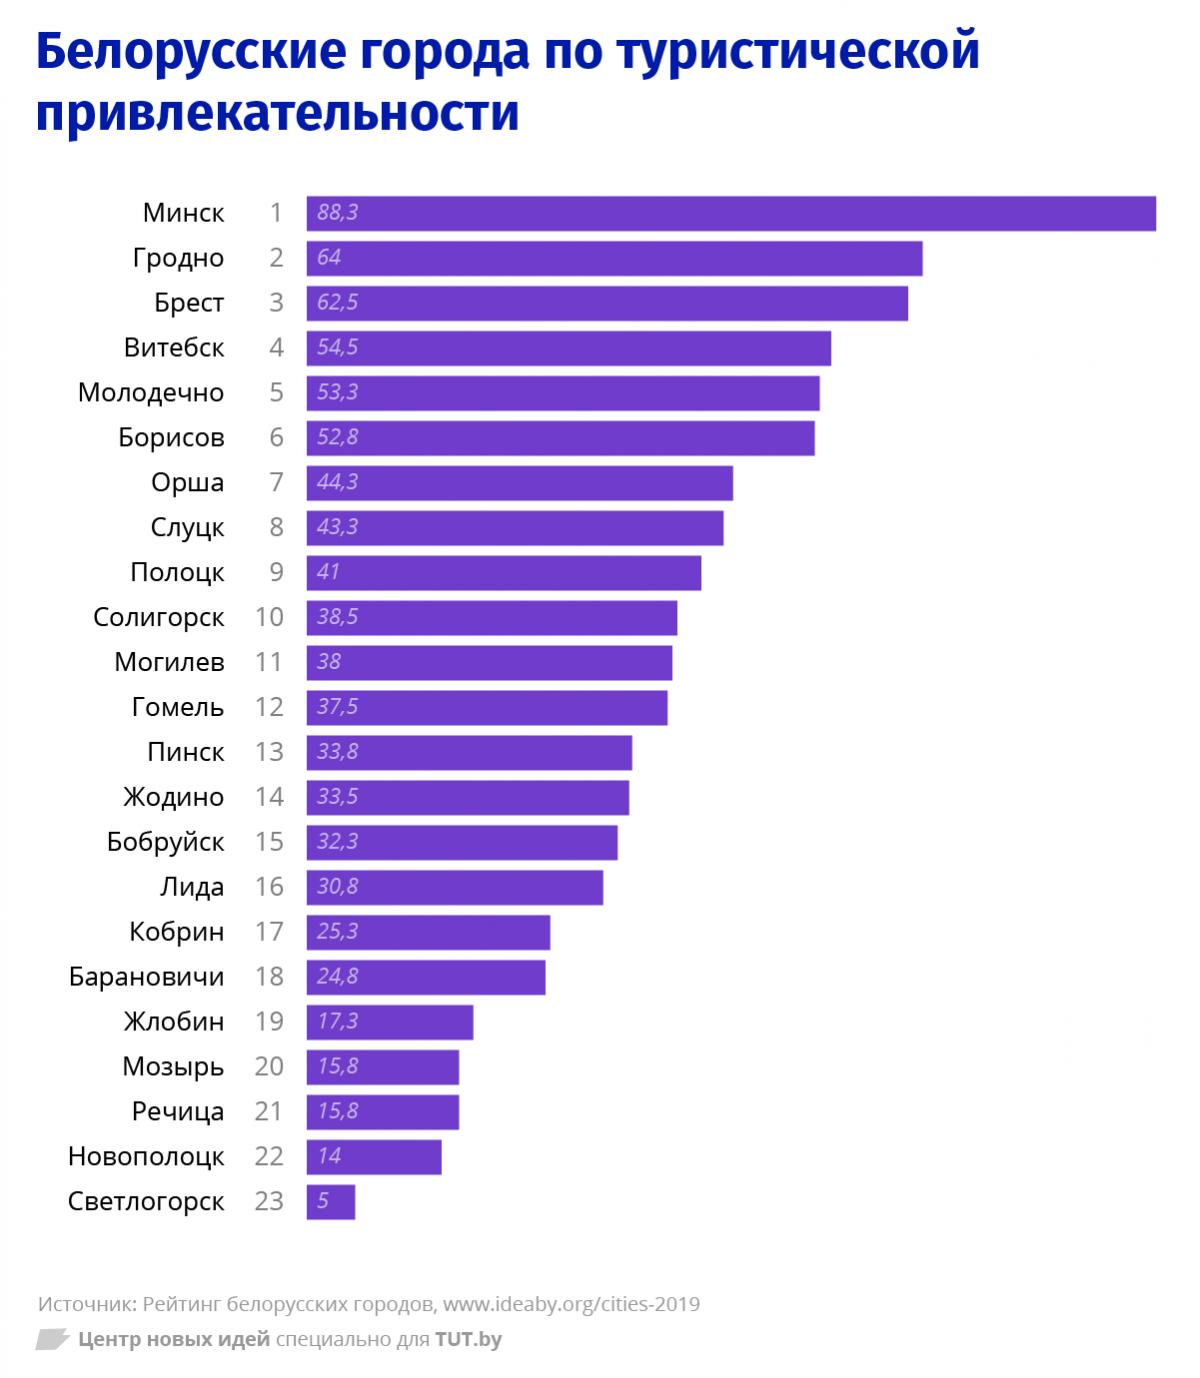 Бобруйск и Светлогорск оказались на последних местах в рейтинге белорусских городов